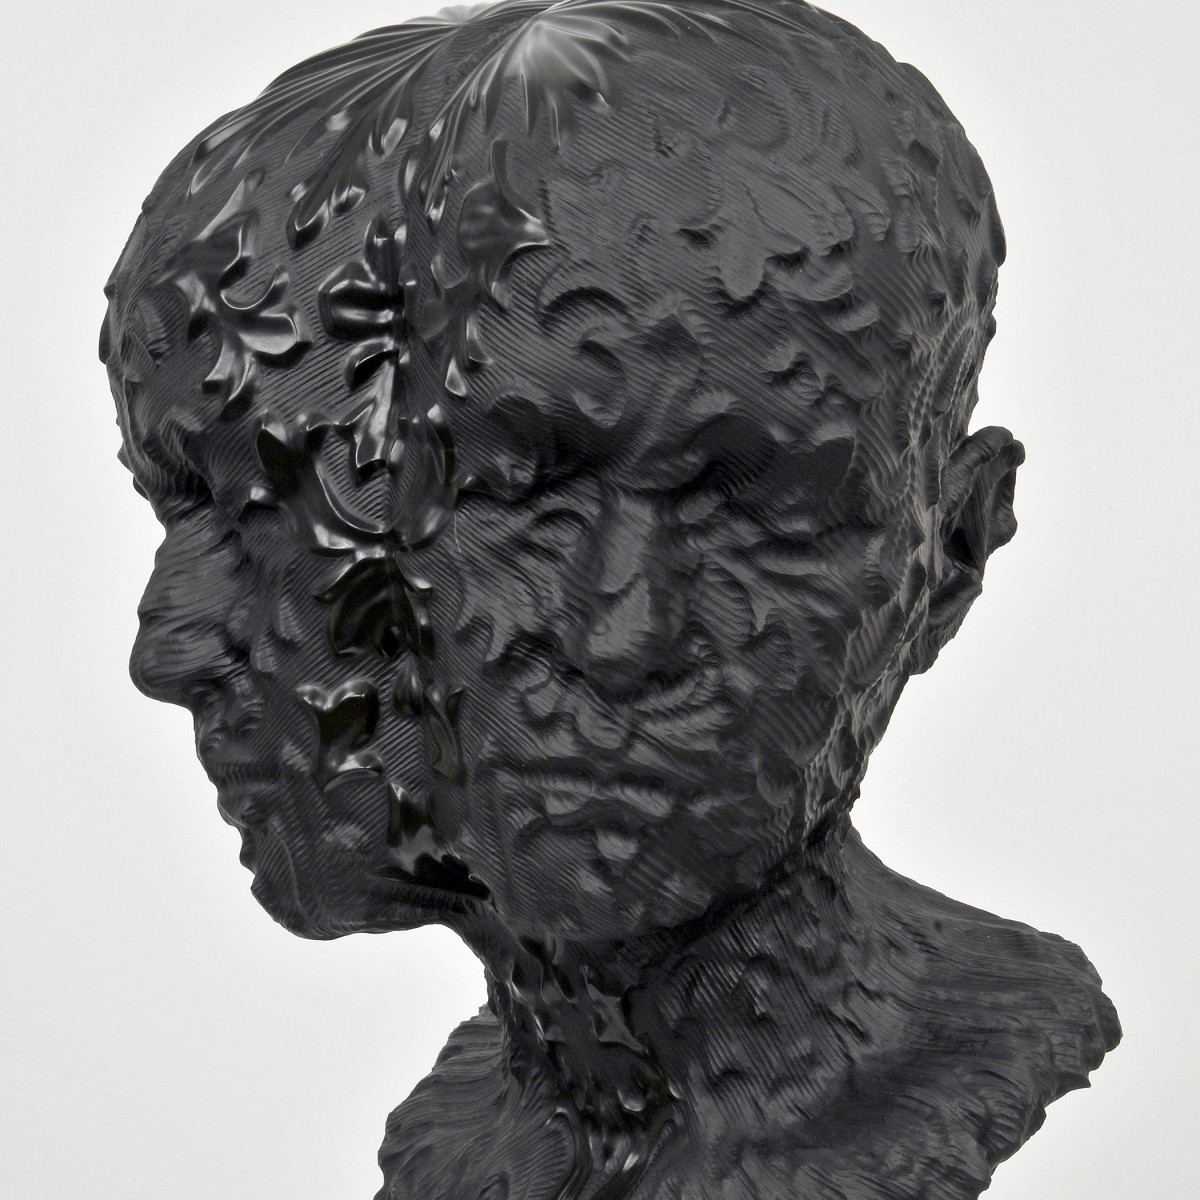 Barry X Ball: Remaking Sculpture